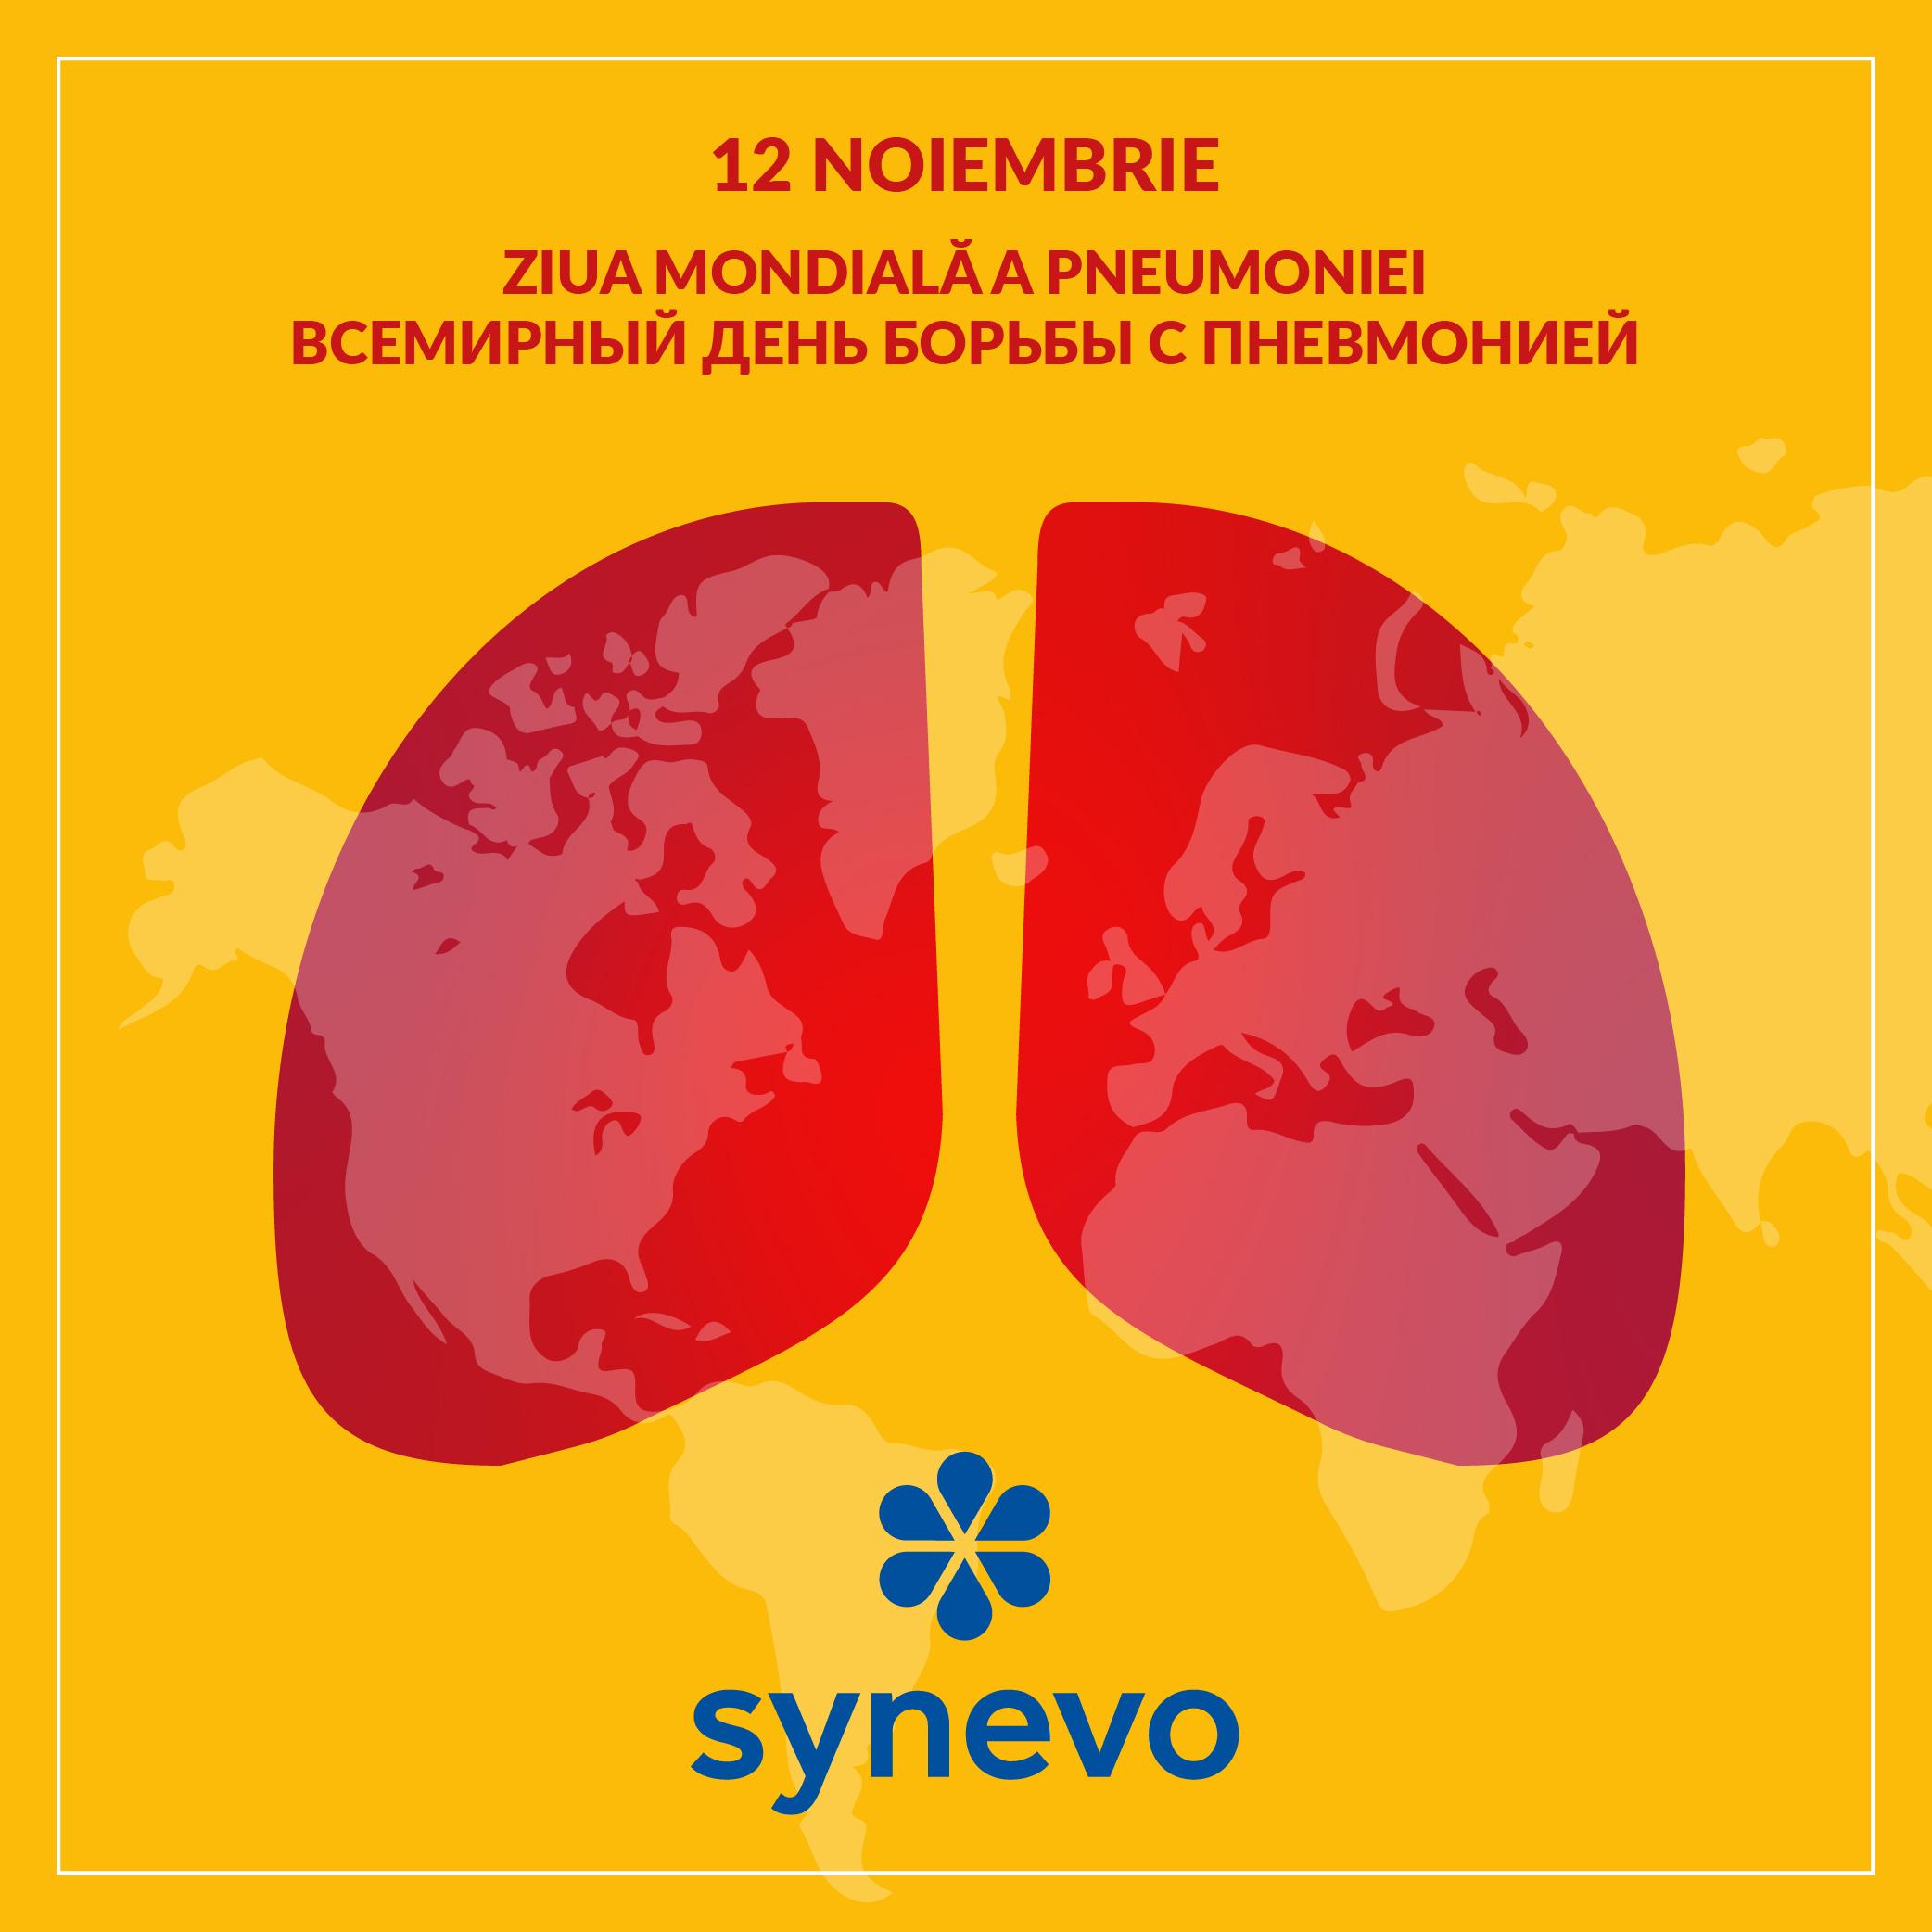 Synevo определение возбудителя пневмонии